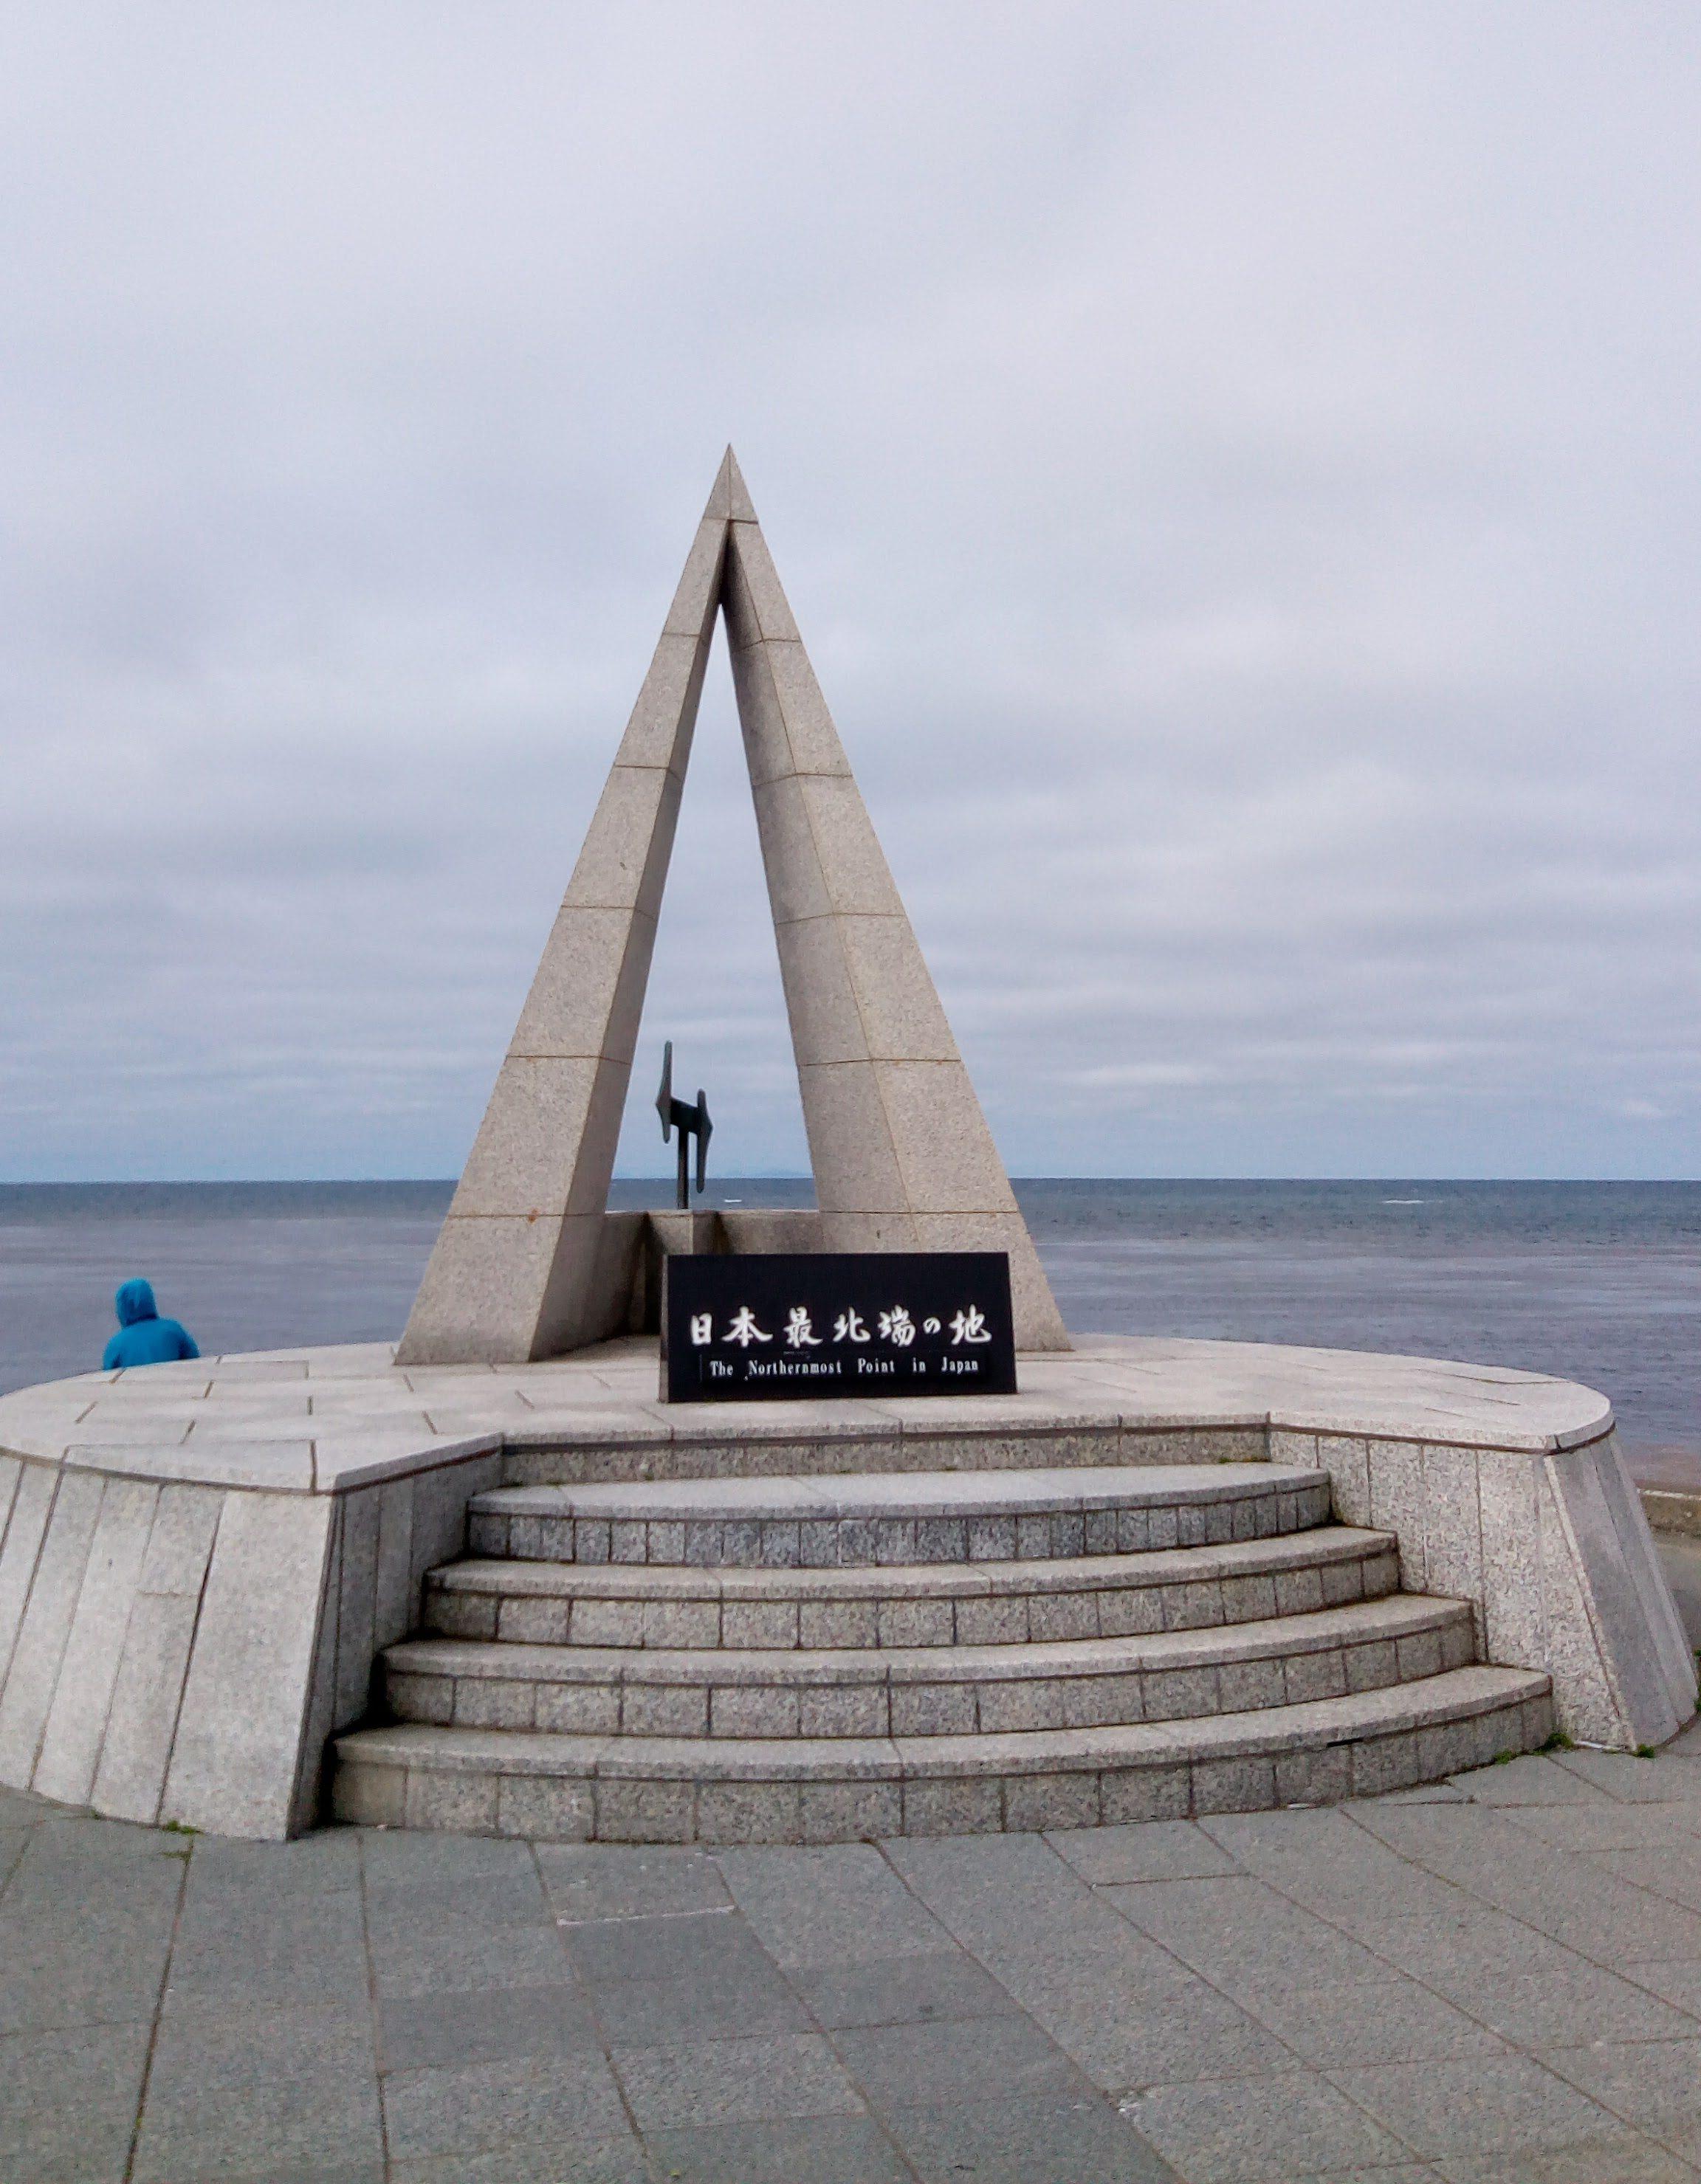 【2017年・夏の北海道】最北端、宗谷岬に到達。でも寒すぎ!Vol.5